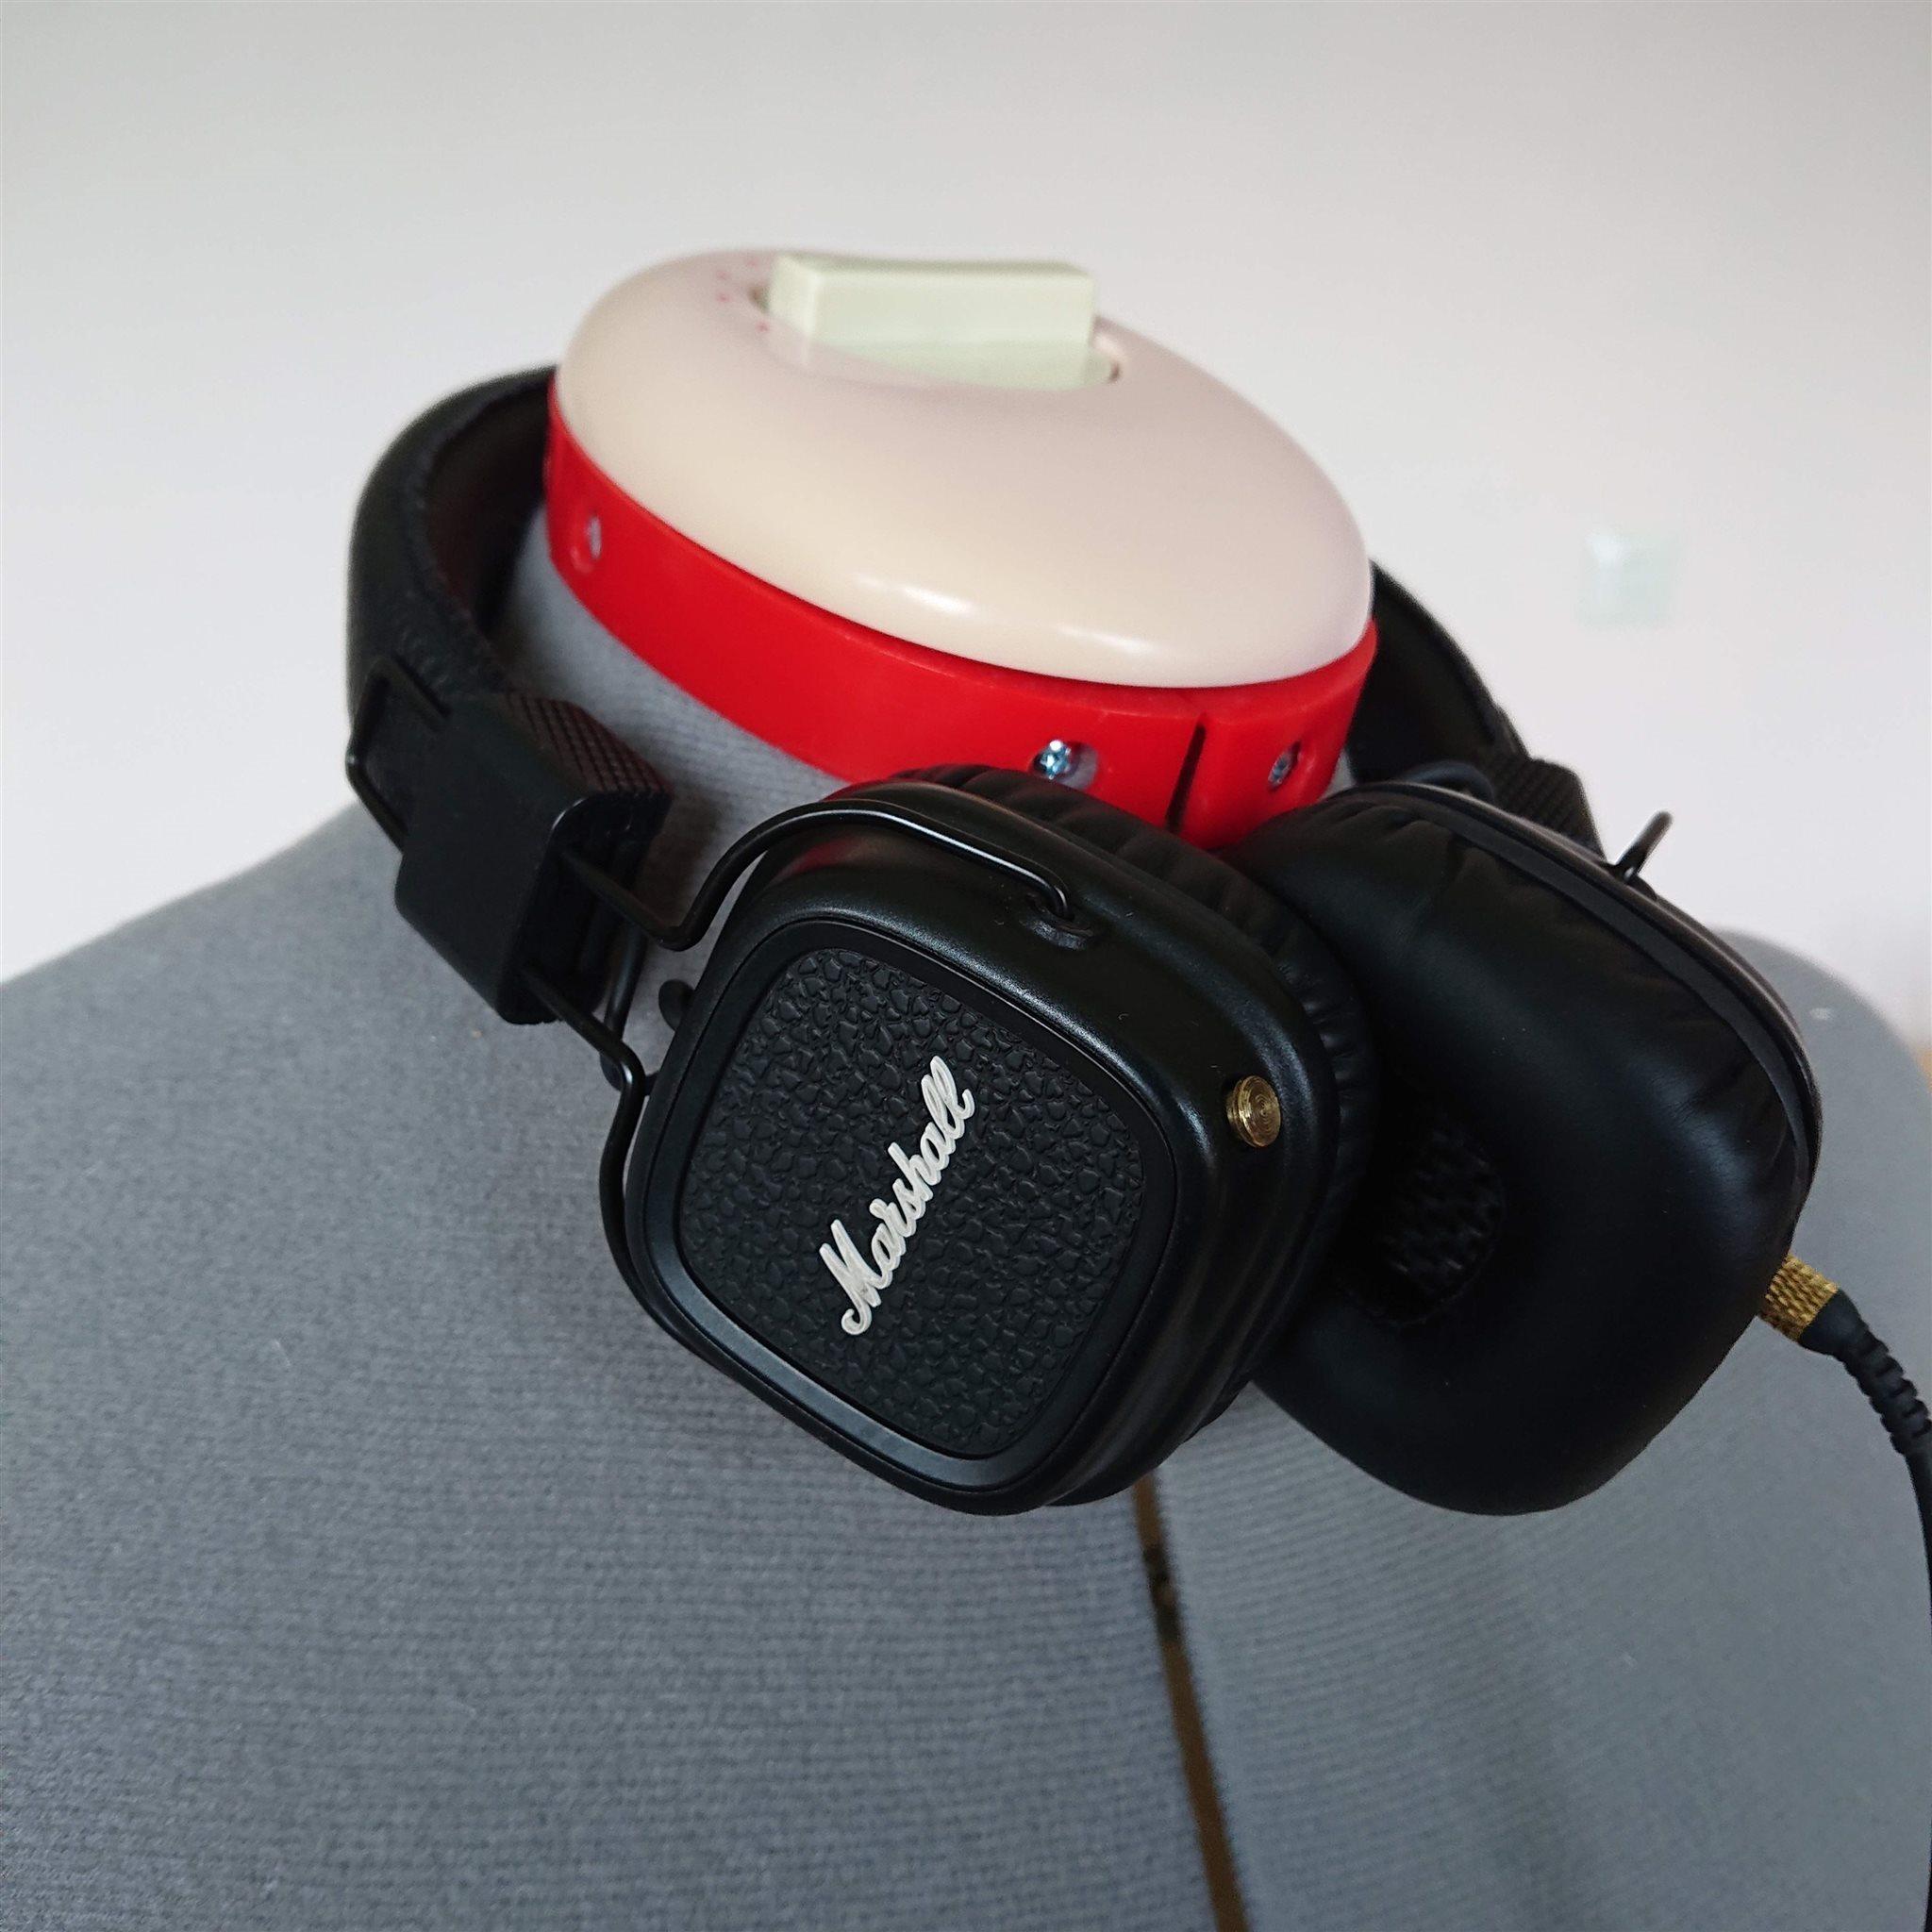 Marshall Major II hörlurar med Bluetooth (335552981) ᐈ Köp på Tradera 18502a293880c